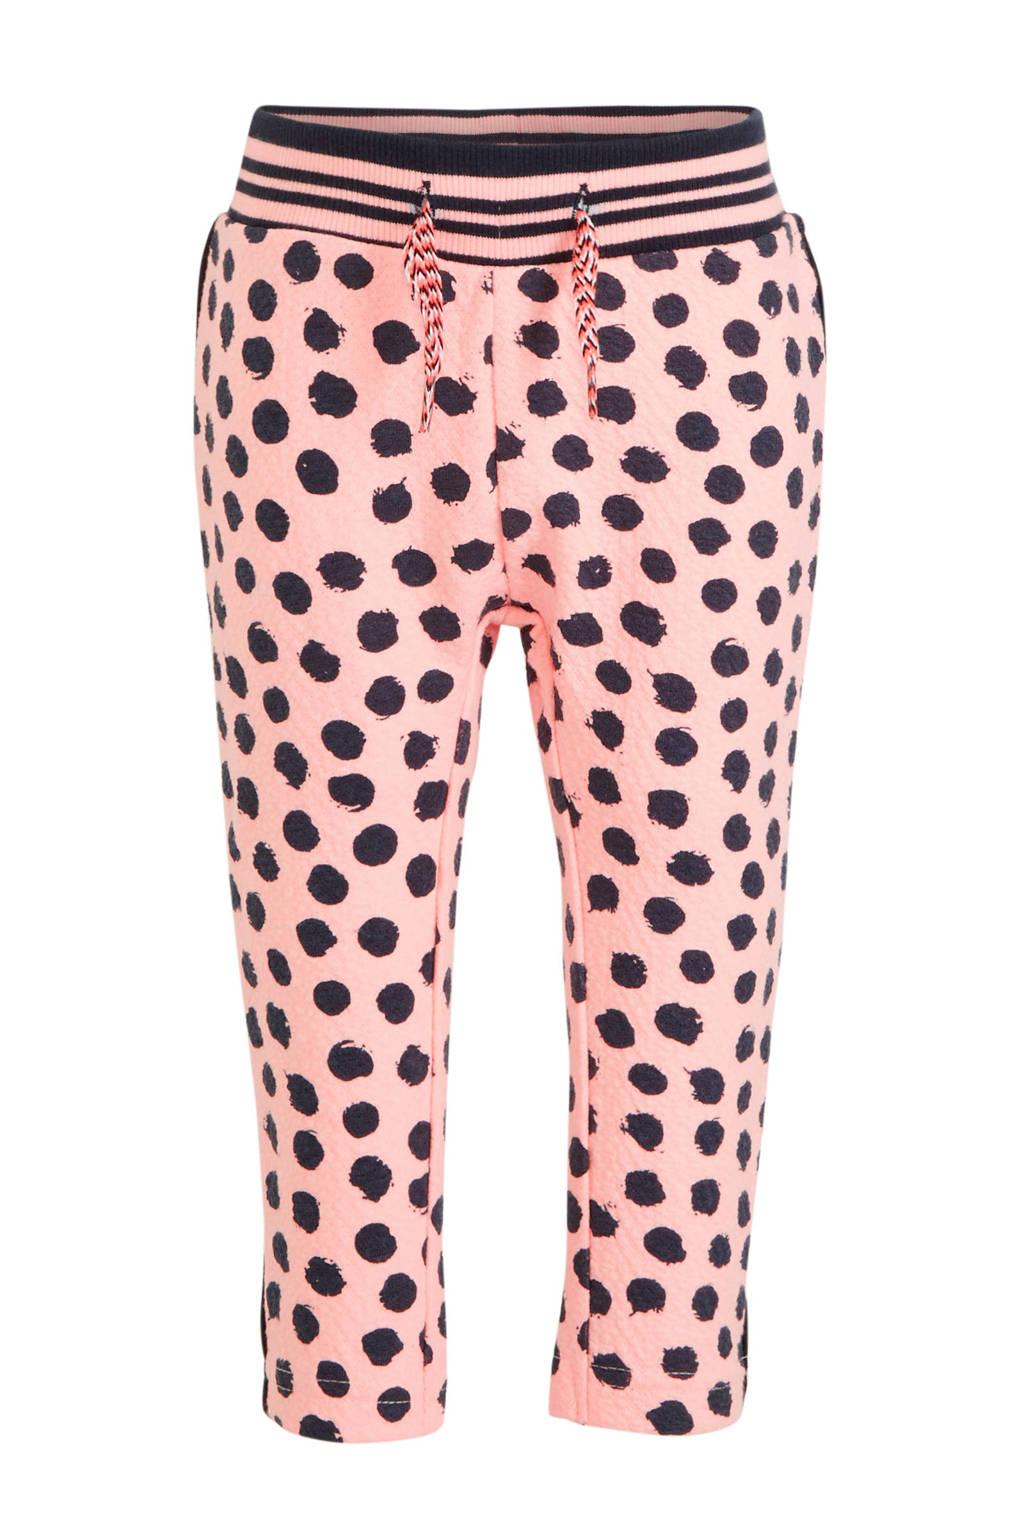 Dirkje joggingbroek met all over print roze/donkerblauw, Roze/donkerblauw